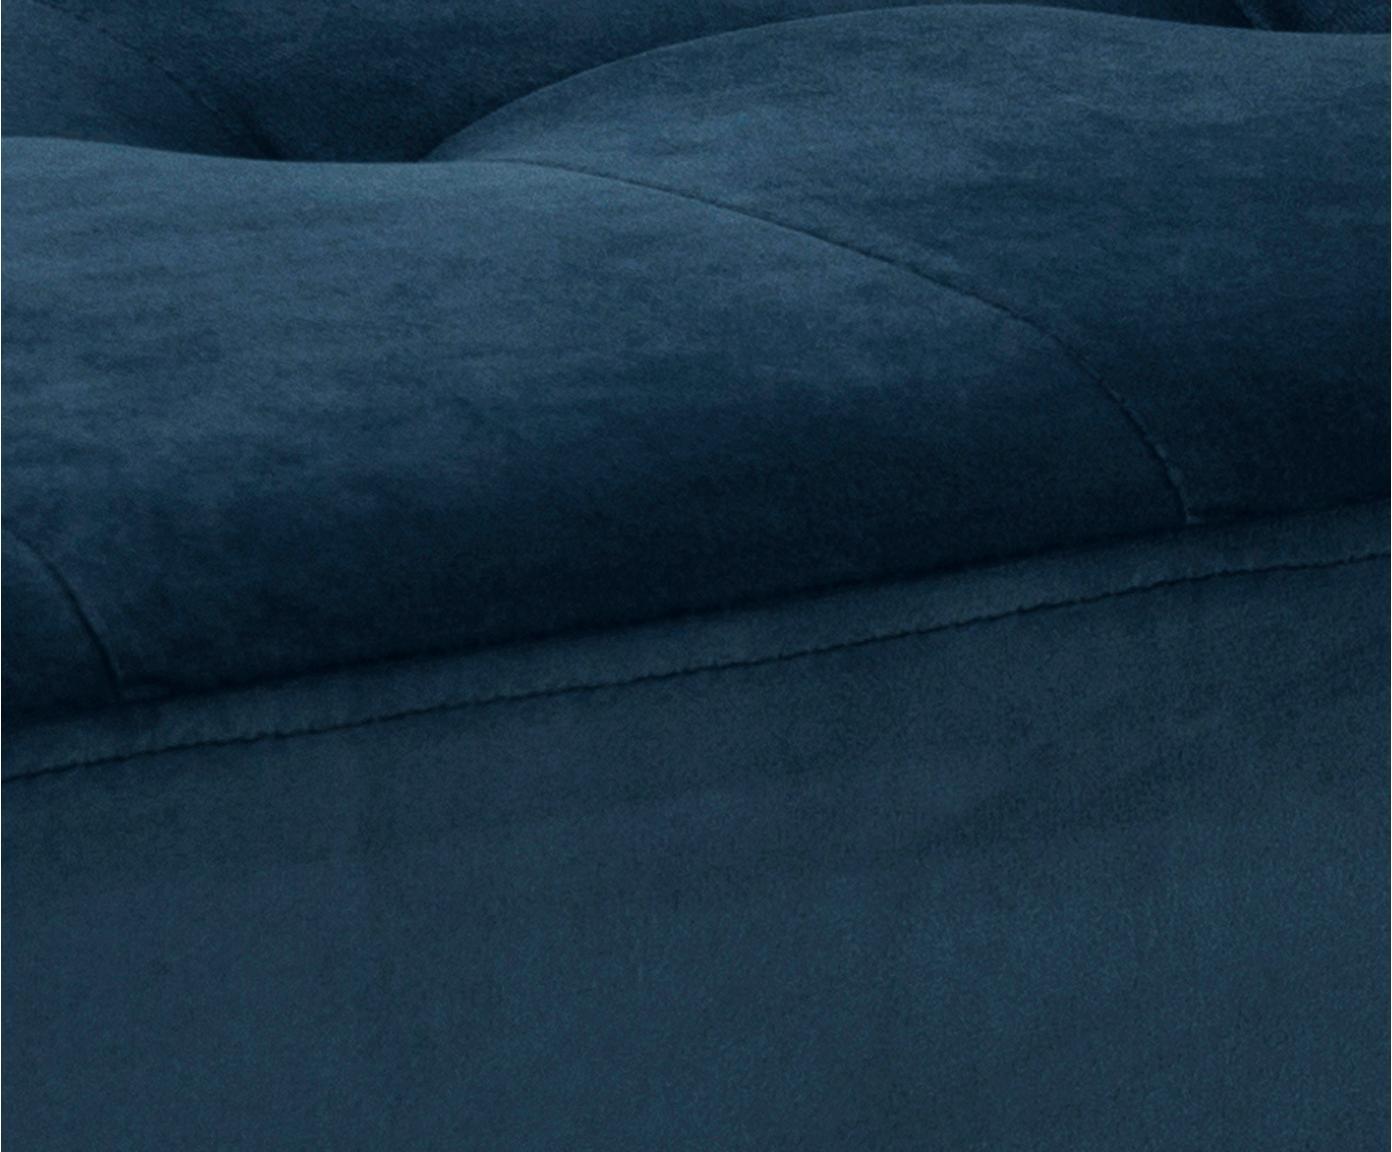 Ławka z aksamitu Glory, Tapicerka: aksamit poliestrowy 2500, Stelaż: metal malowany proszkowo, Niebieski, czarny, S 95 x W 45 cm